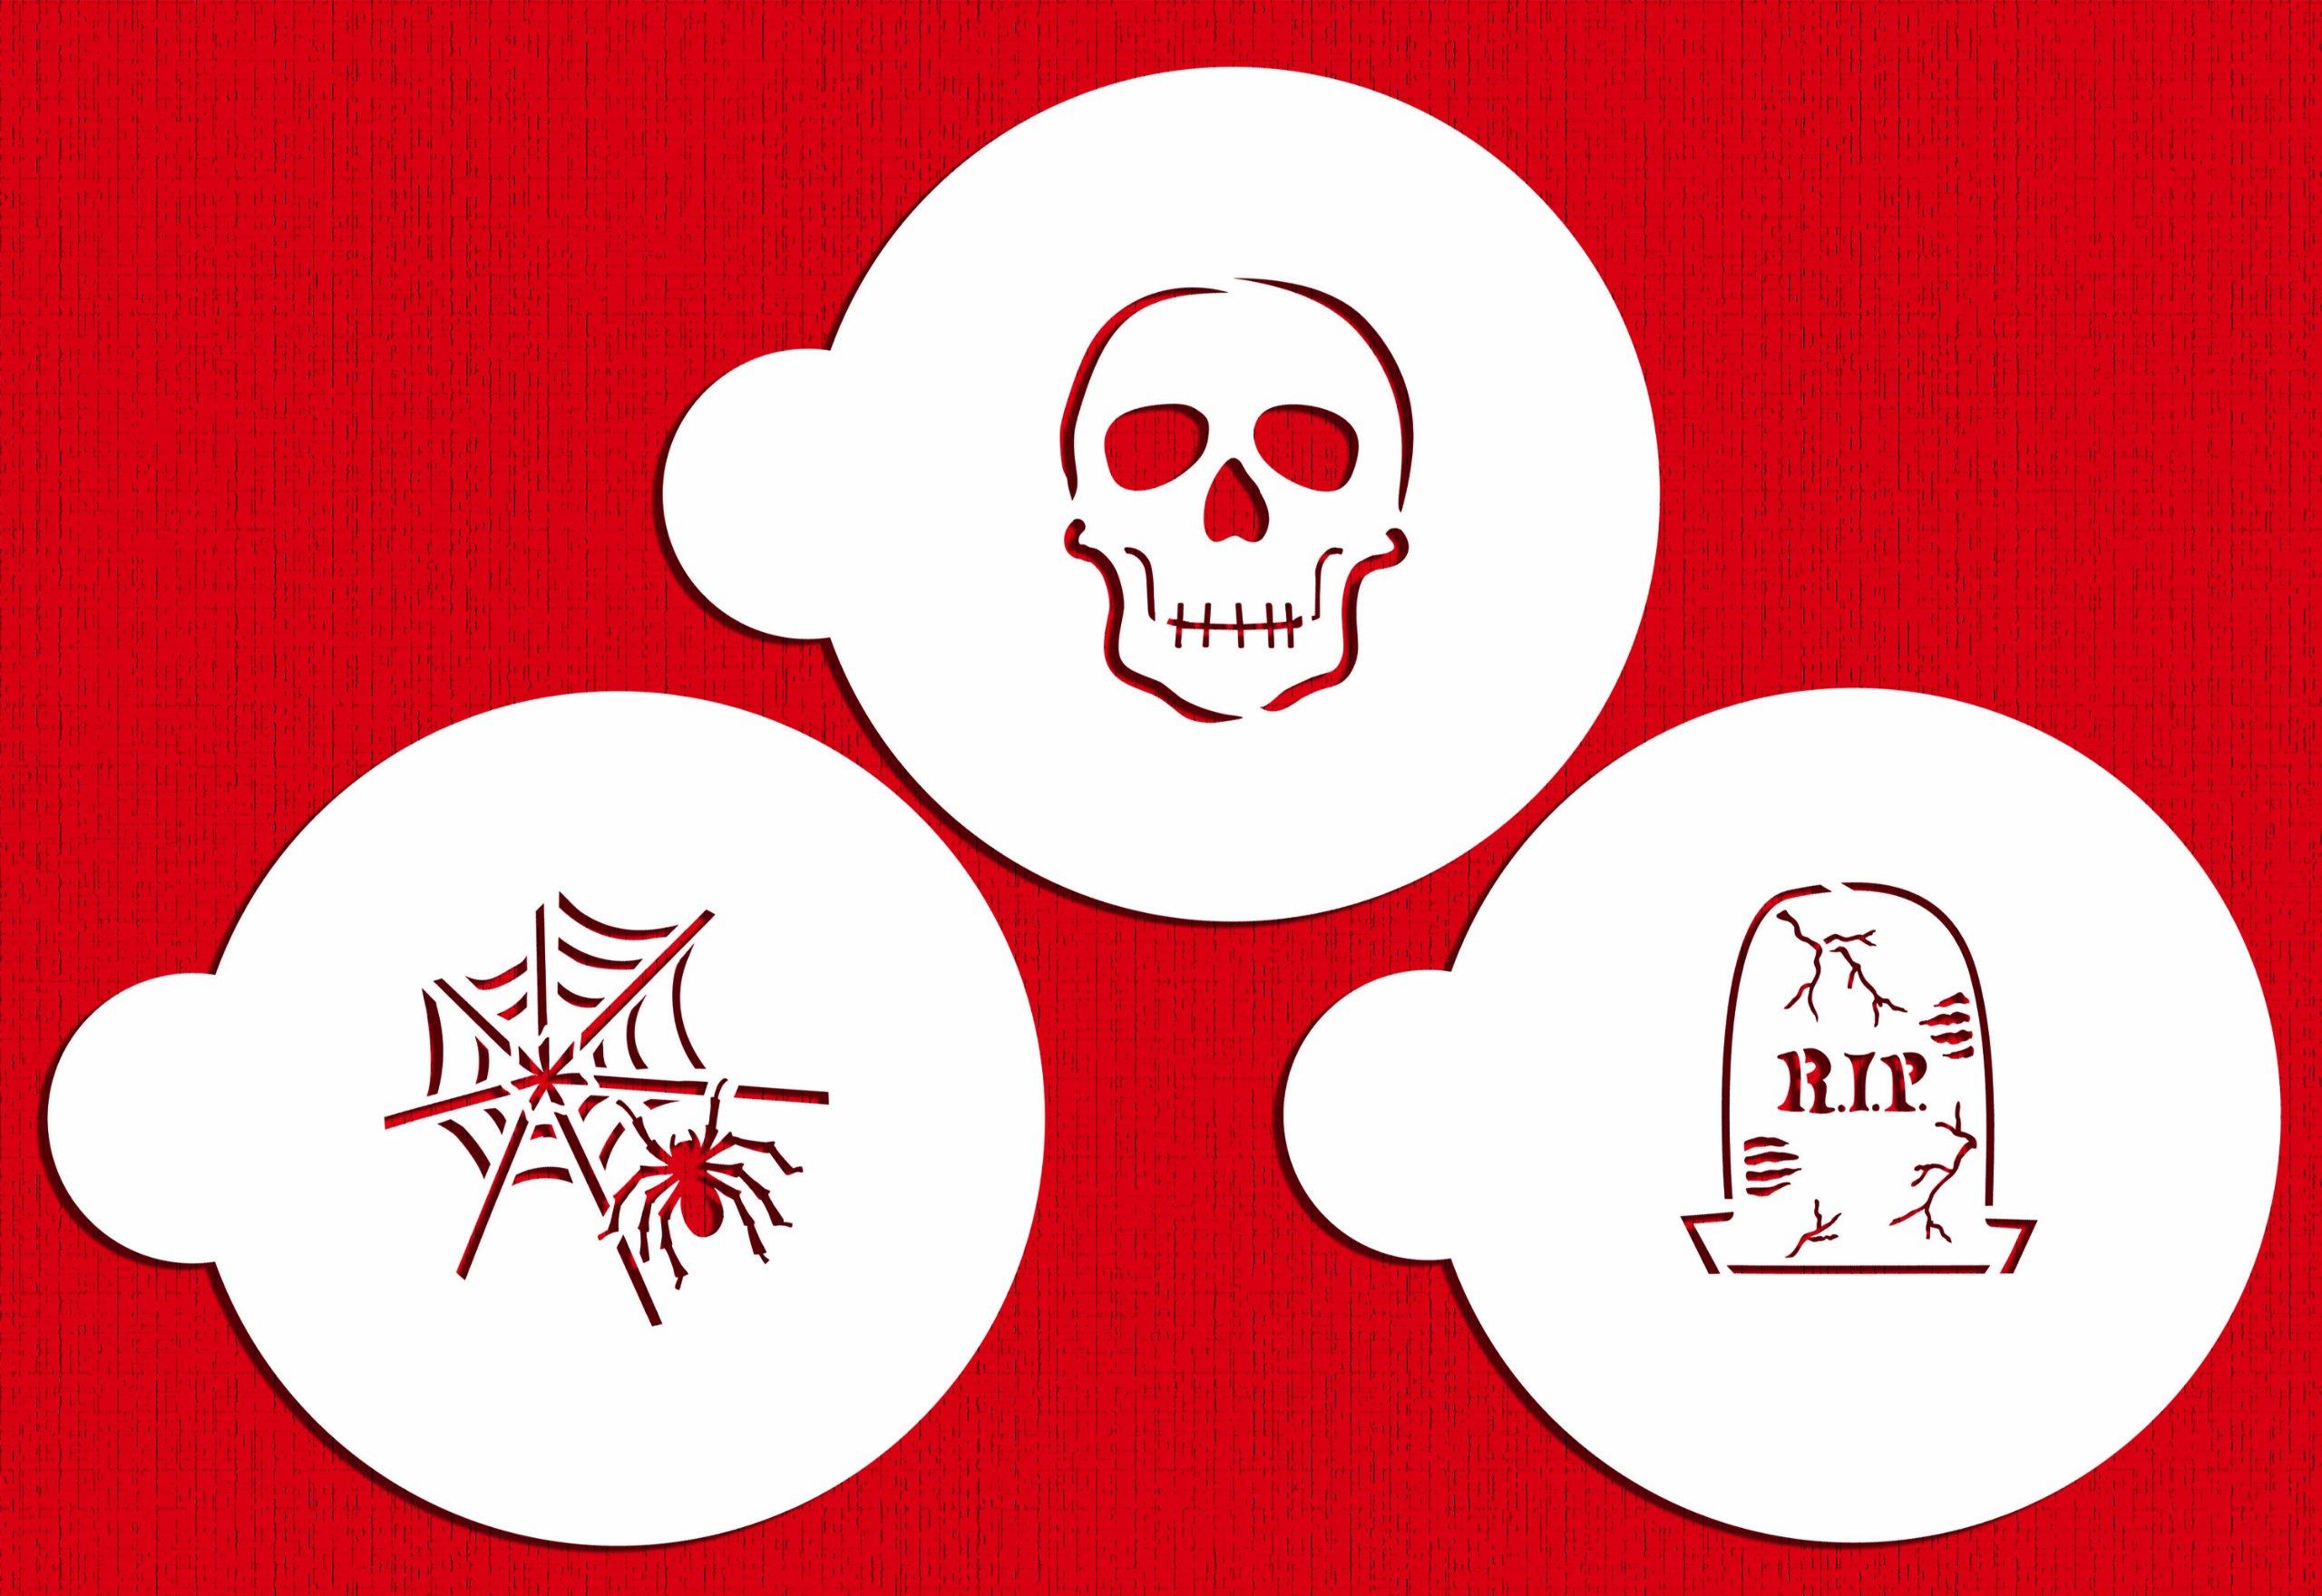 Designer Stencils C457 Scary Halloween Cookie Stencil Set, (Spider Web, Skull, Gravestone), Beige/semi-transparent